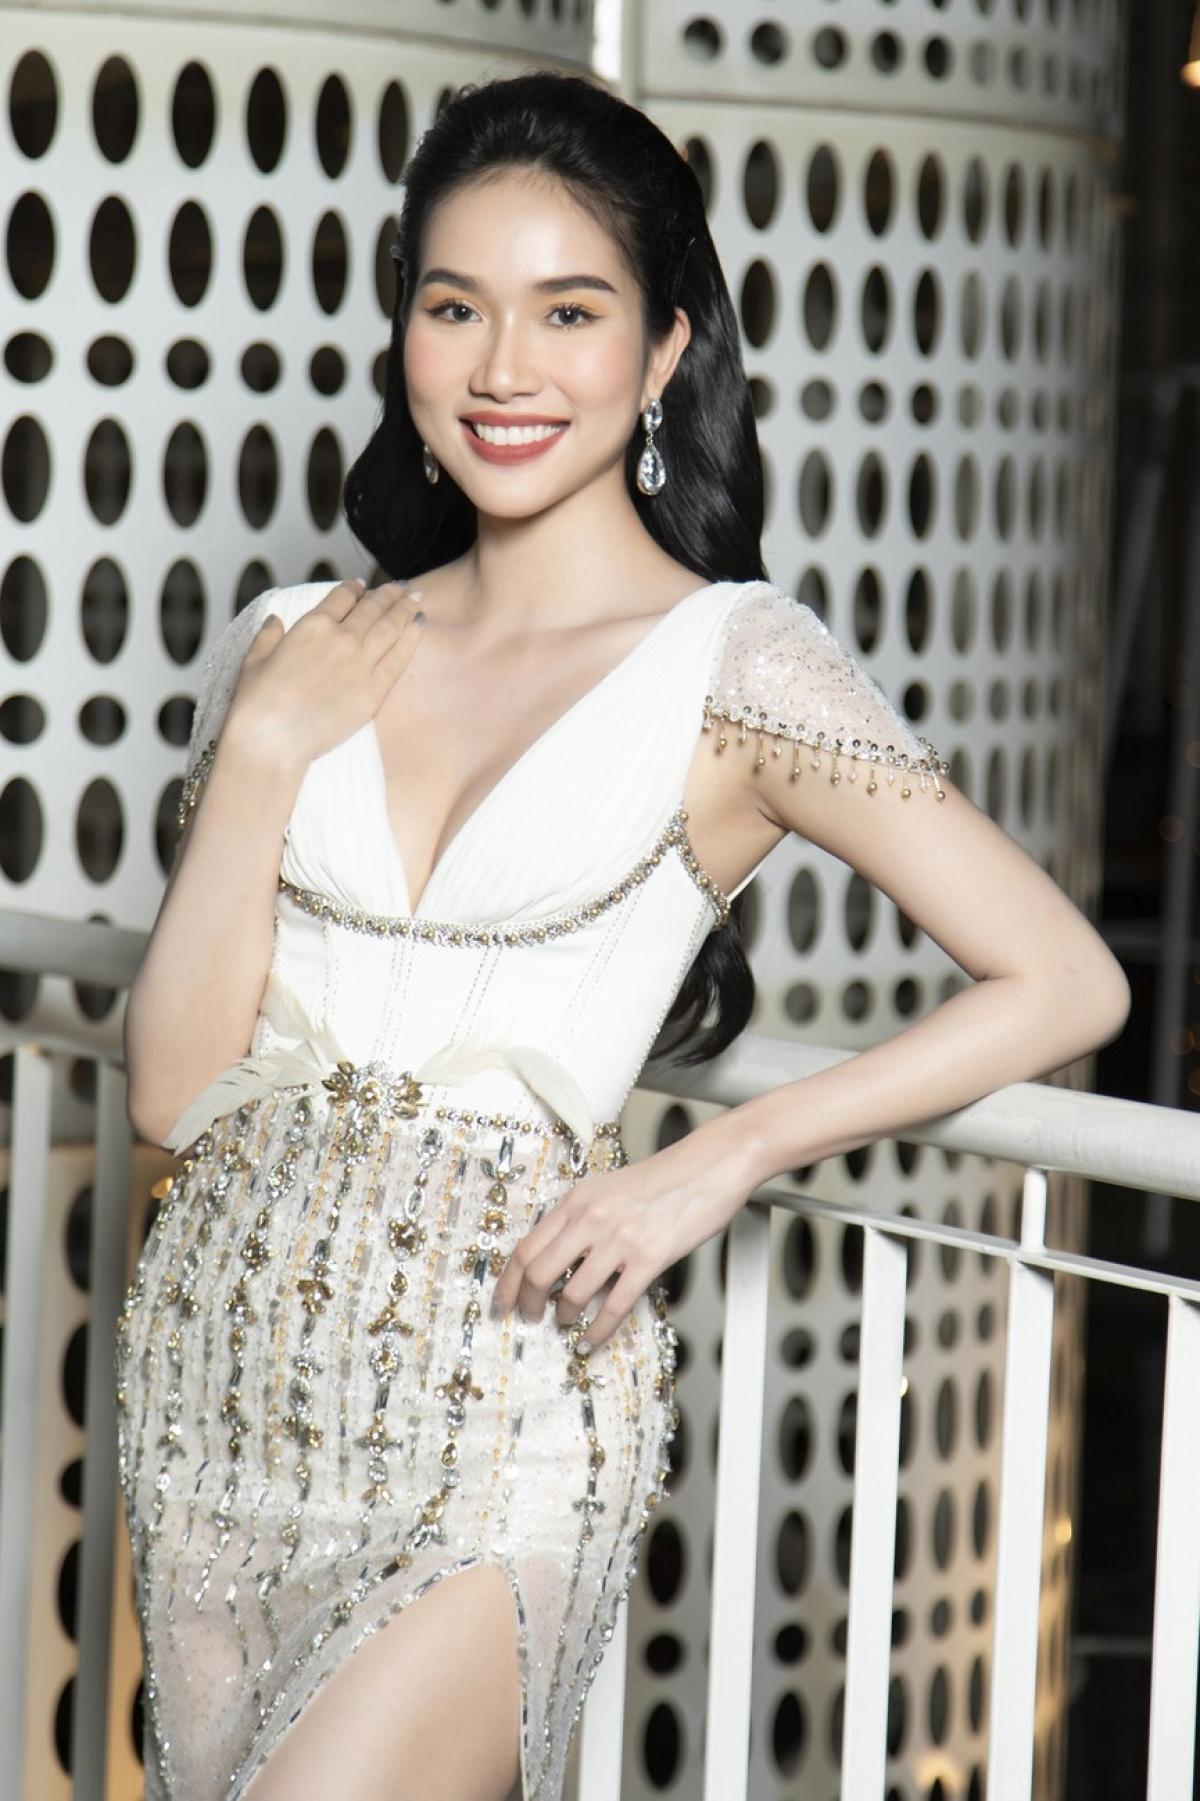 Bộ váy xẻ sâu giúp nàng Á hậu xinh đẹp khoe được vòng một nóng bỏng.